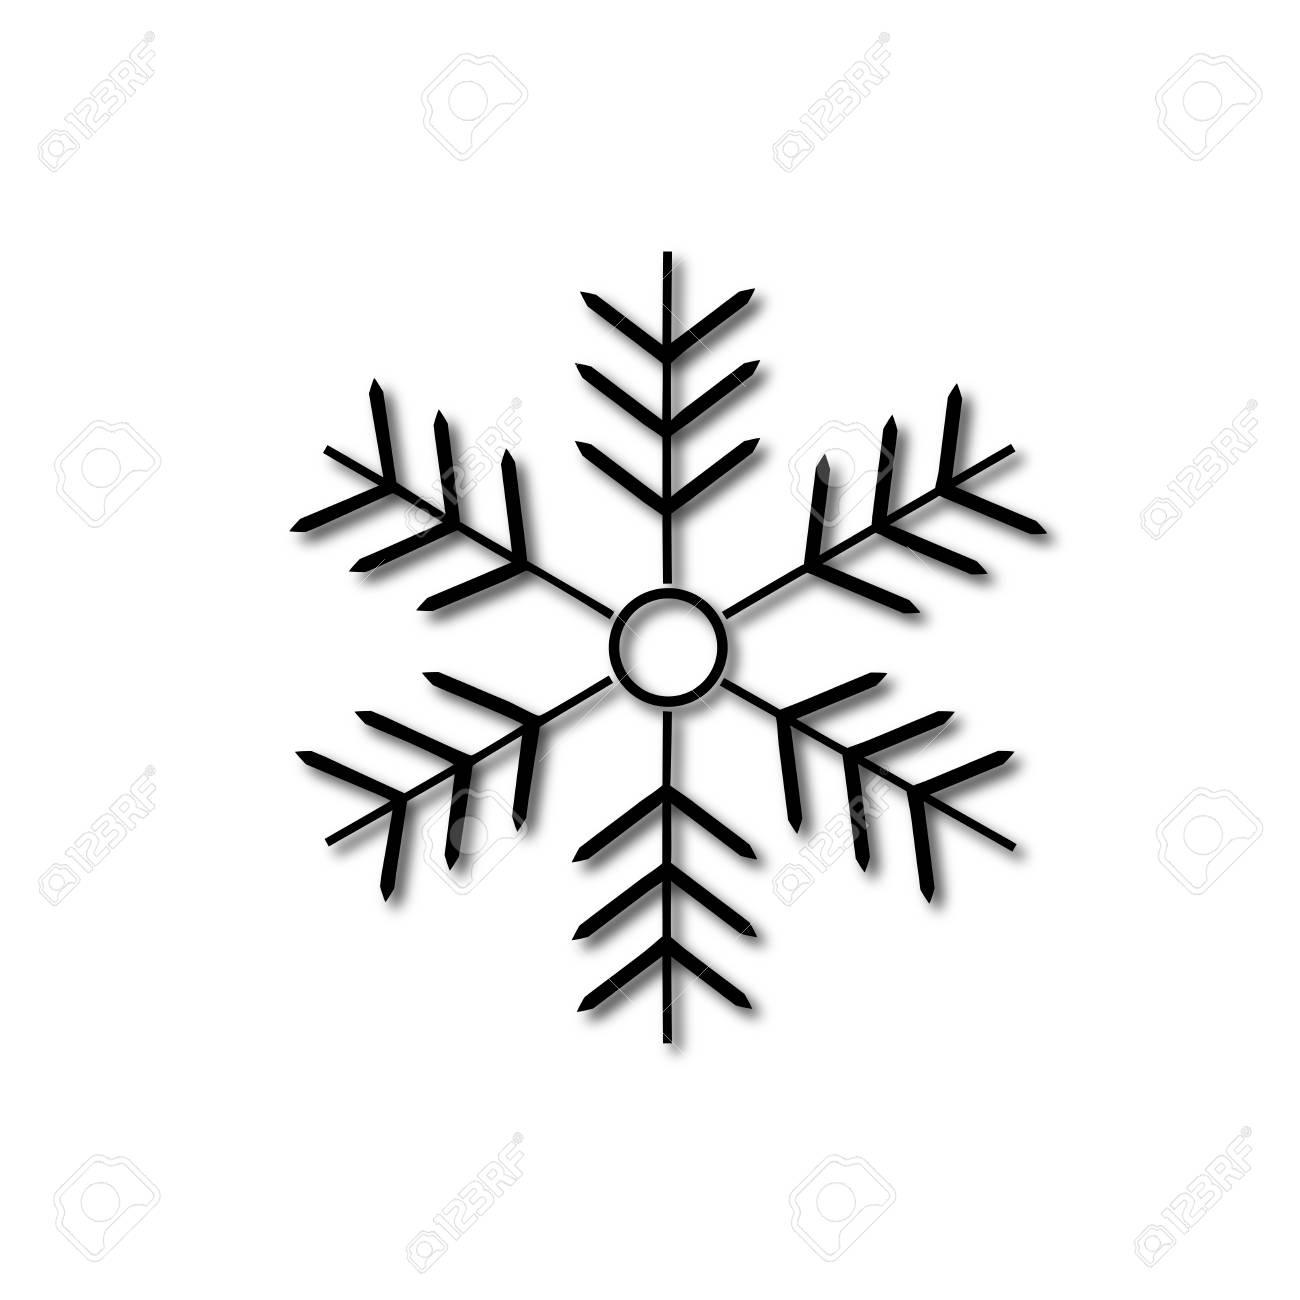 Vettoriale Segno Di Fiocco Di Neve Sagoma Fiocco Di Neve Disegno